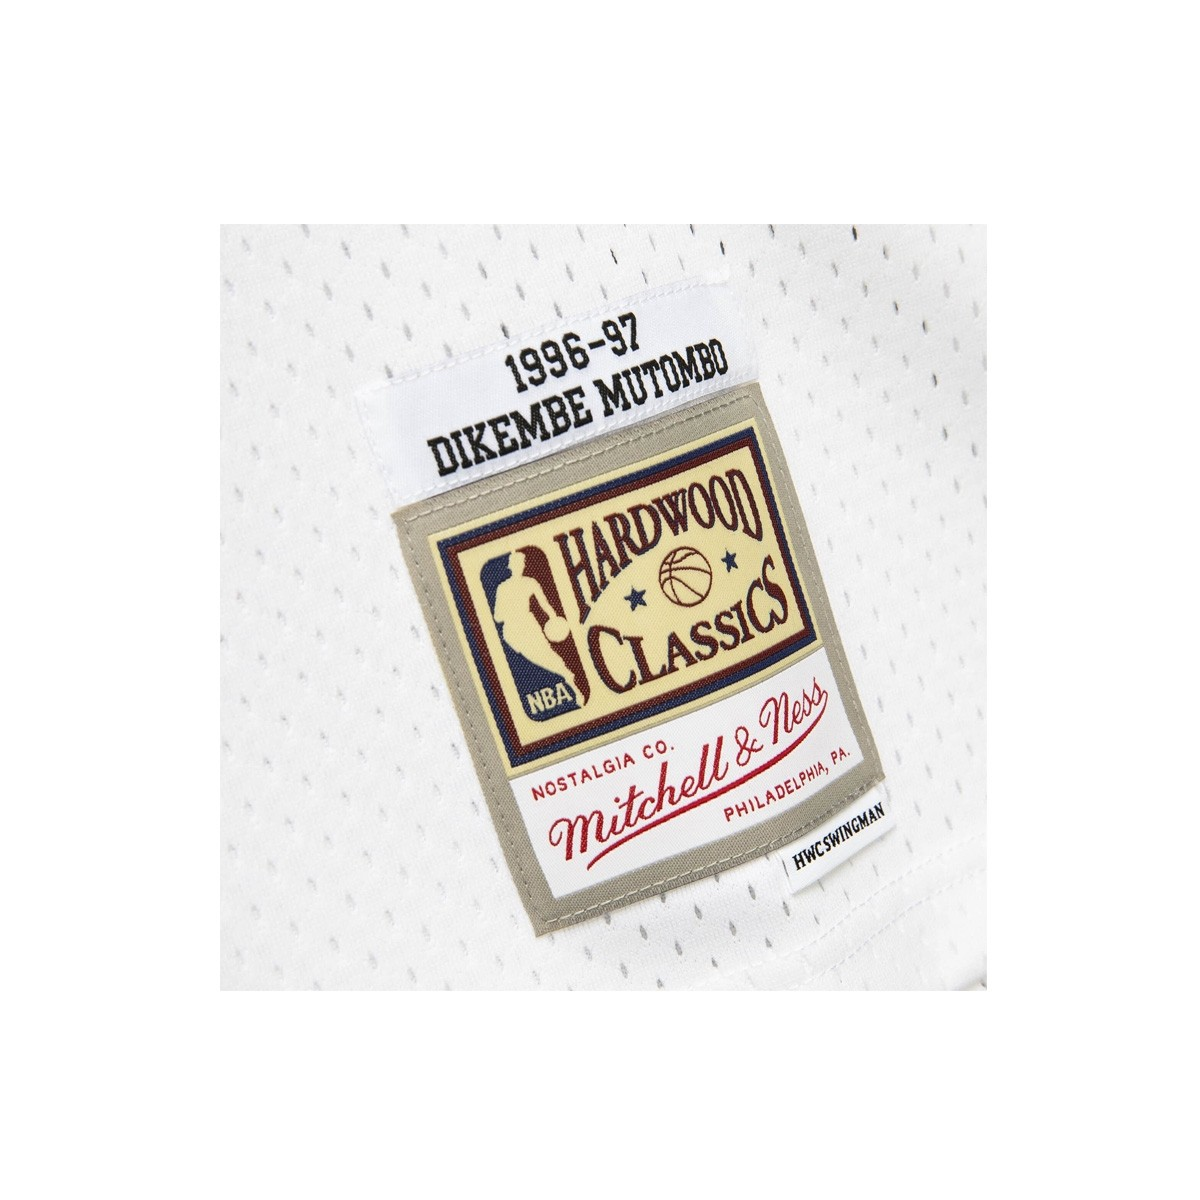 Mitchell & Ness Swingman Jersey Atlanta Hawks Dikembe Mutombo '1996-97'-SMJYSB20009